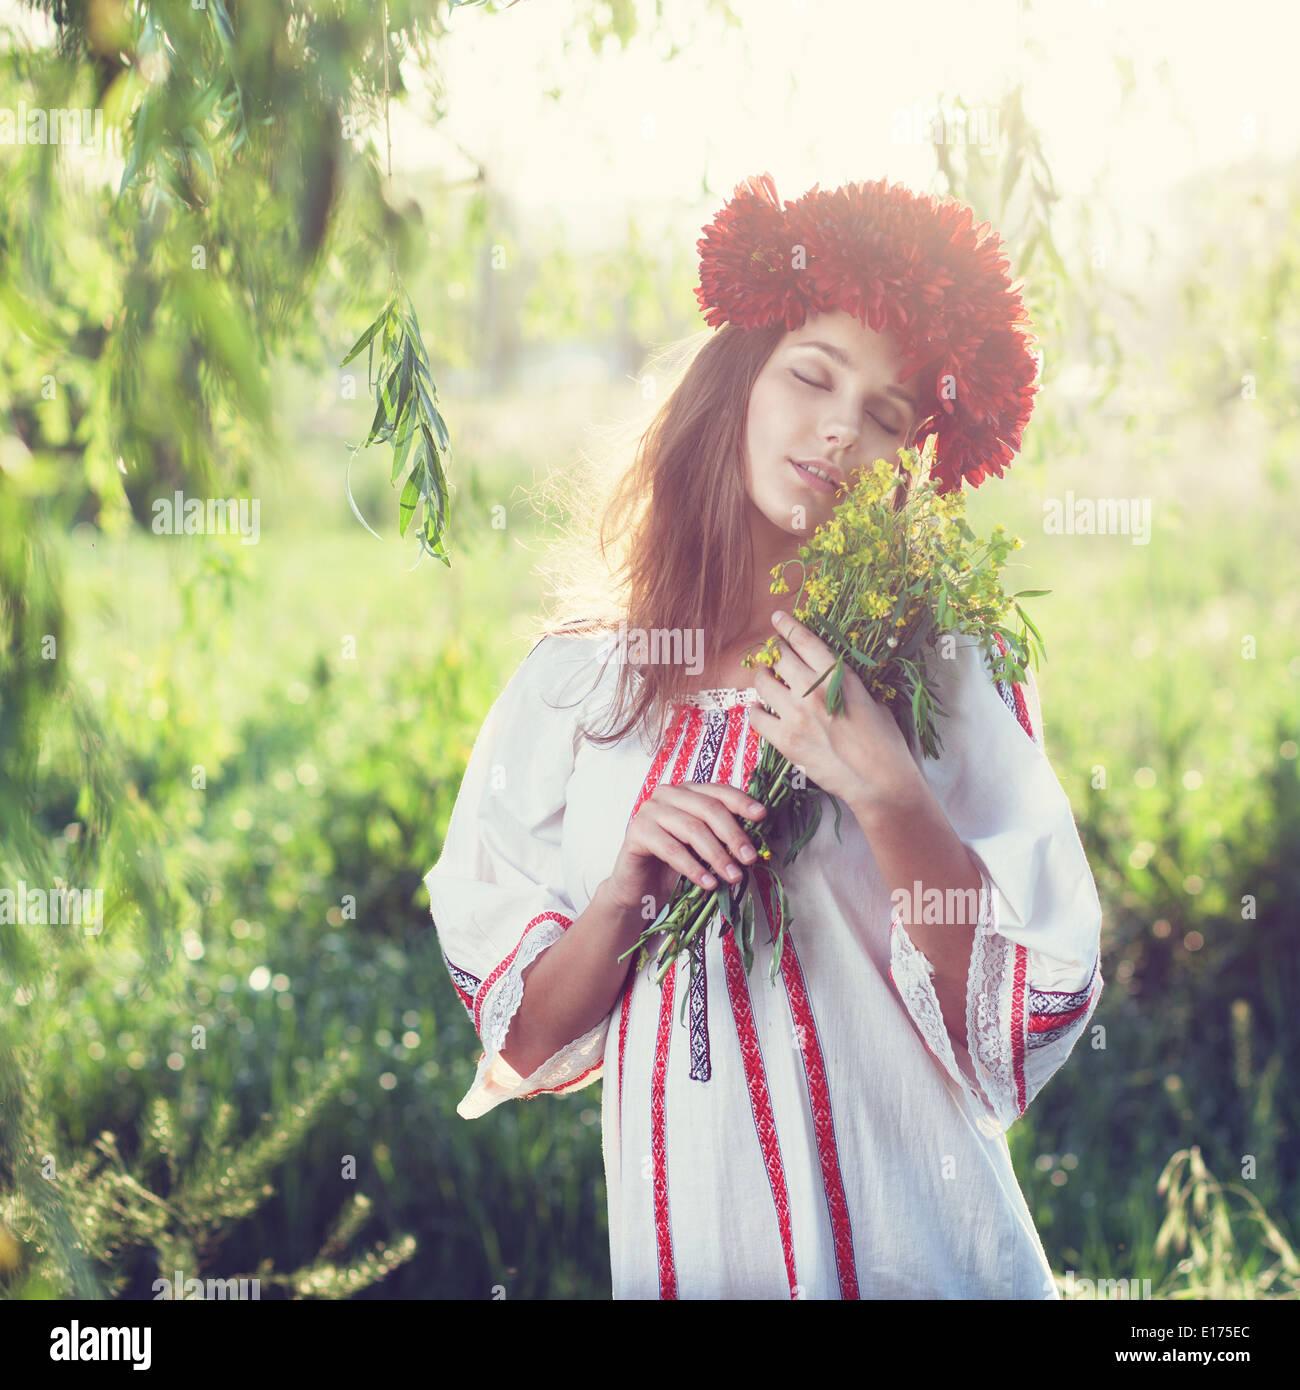 Retrato emocional de la mujer ucraniana con bouquet de flores Imagen De Stock